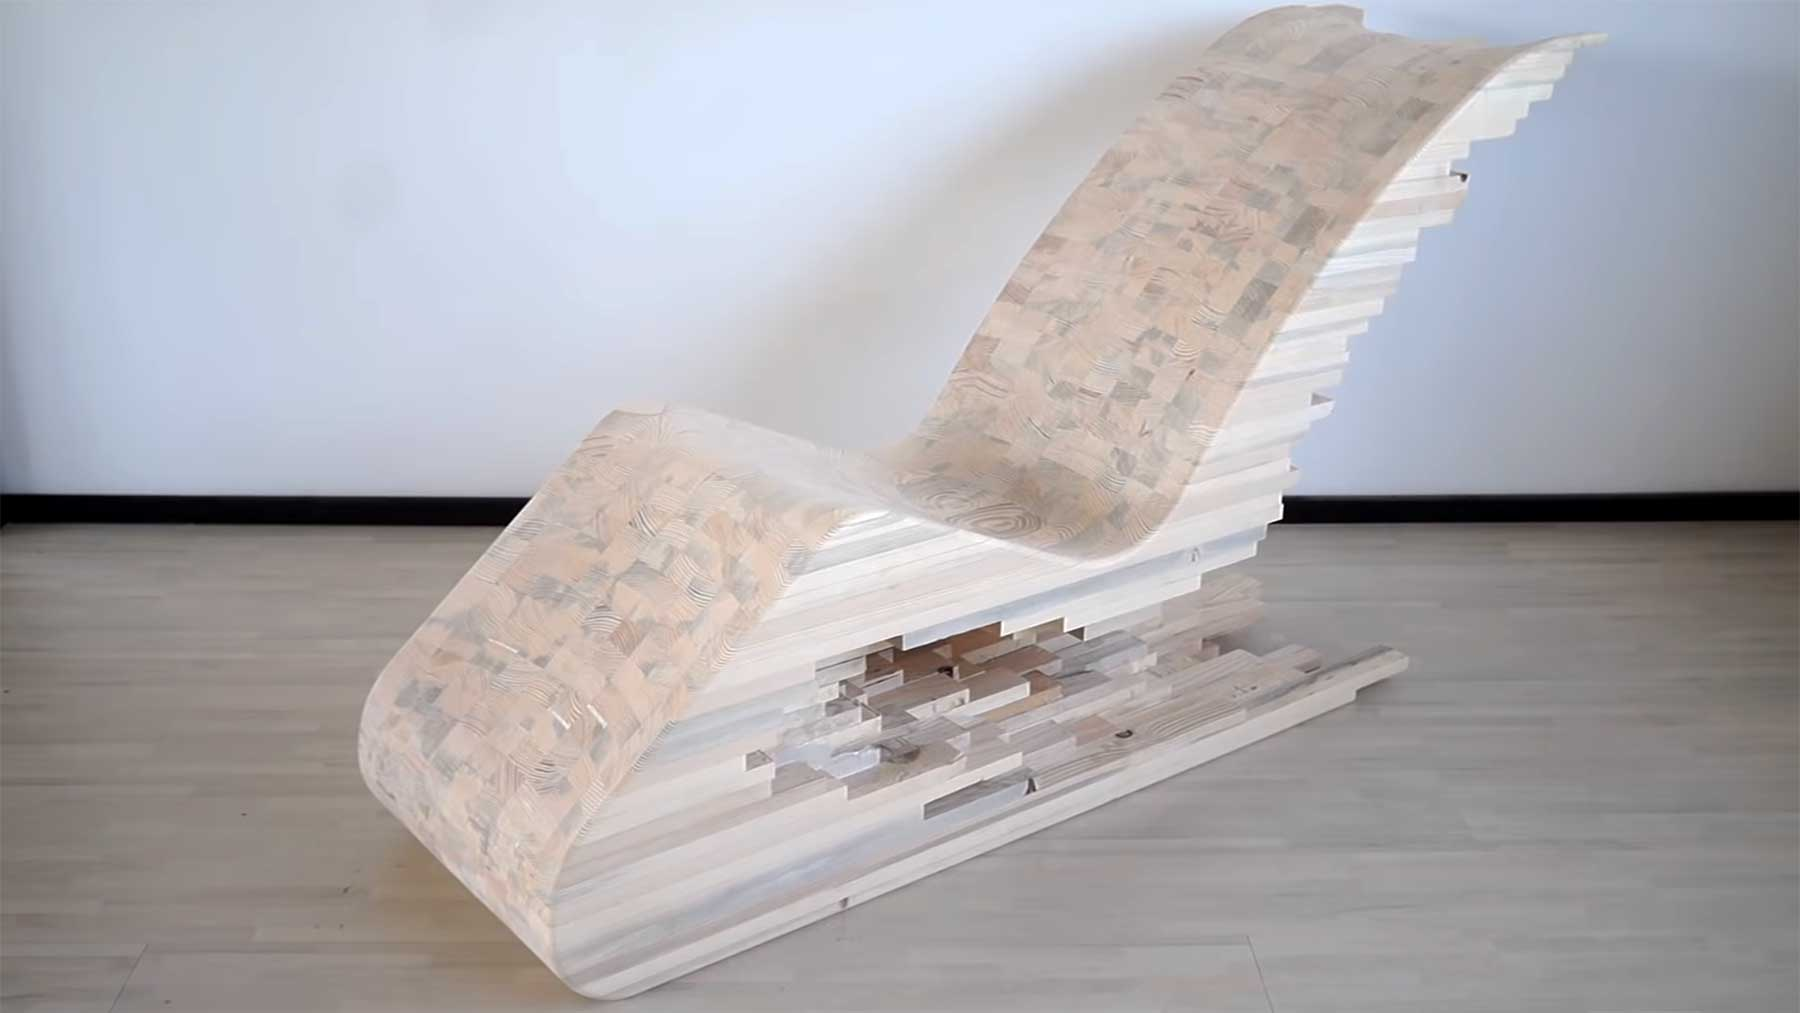 Bau eines hölzernen Pixel-Stuhles Lignum-wooden-pixel-chair